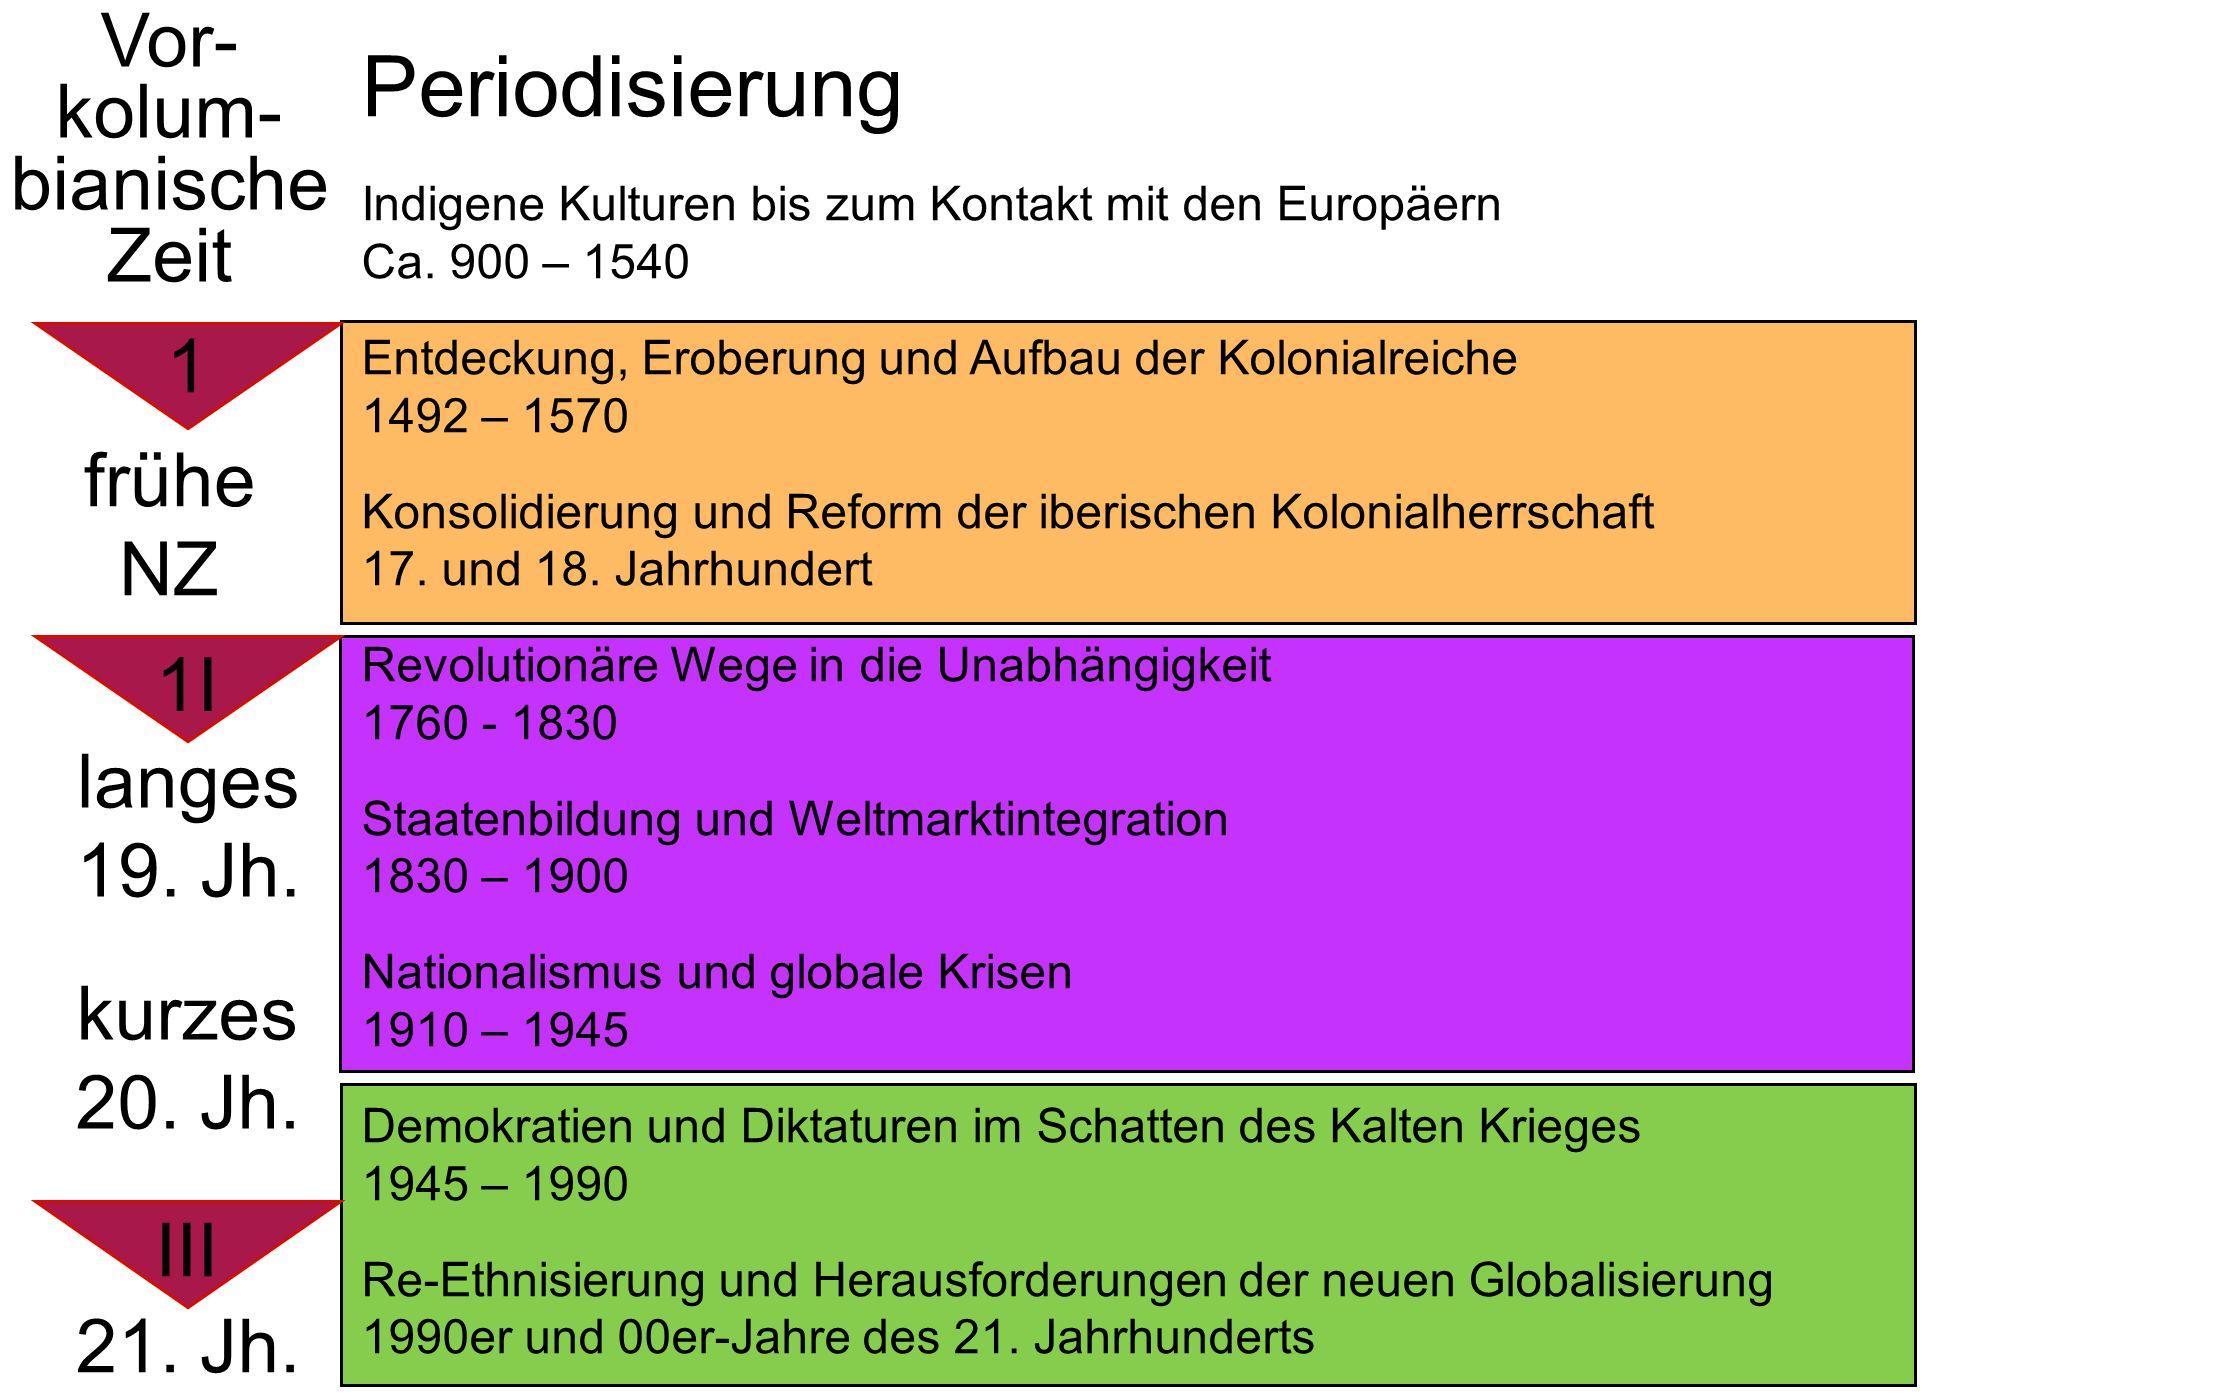 Periodisierung Vor- kolum- bianische Zeit 1 frühe NZ 1I langes 19. Jh.